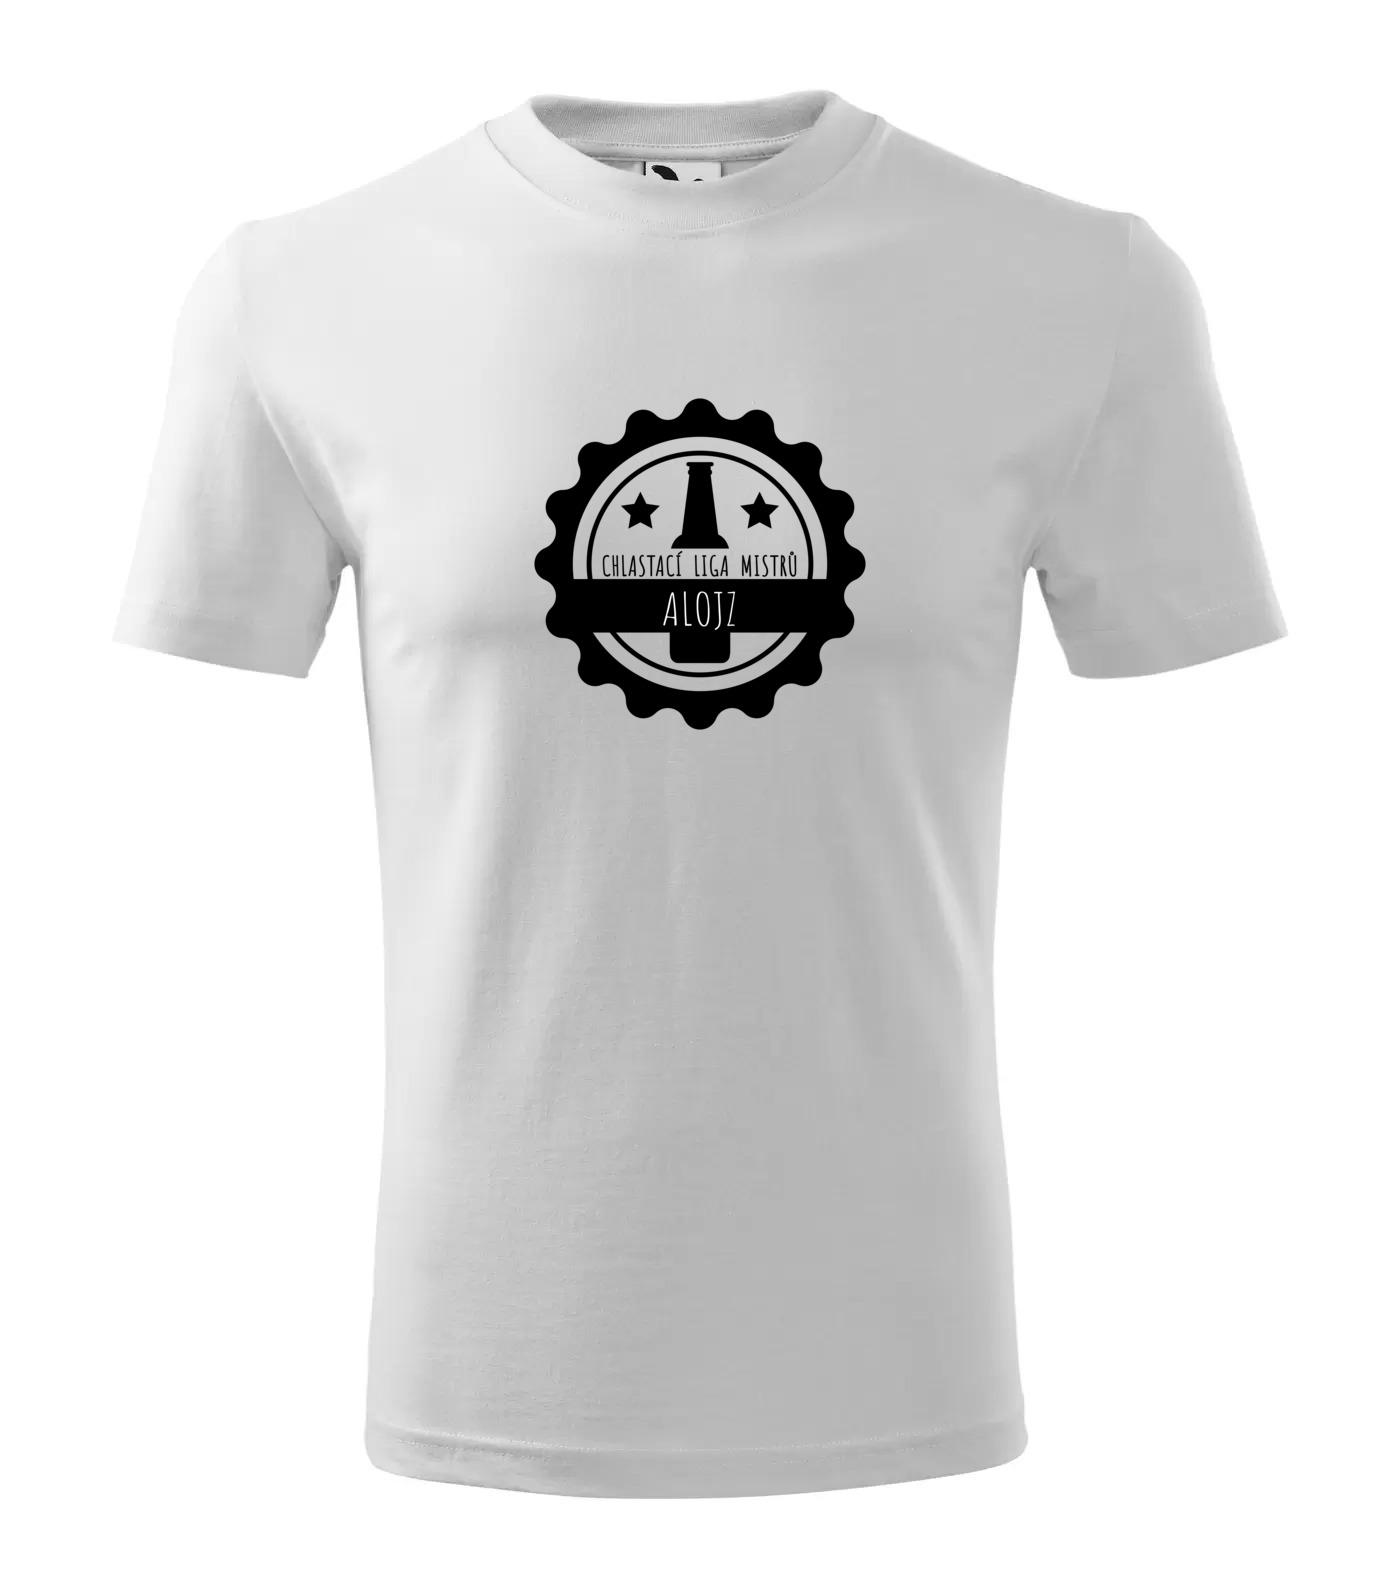 Tričko Chlastací liga mužů Alojz